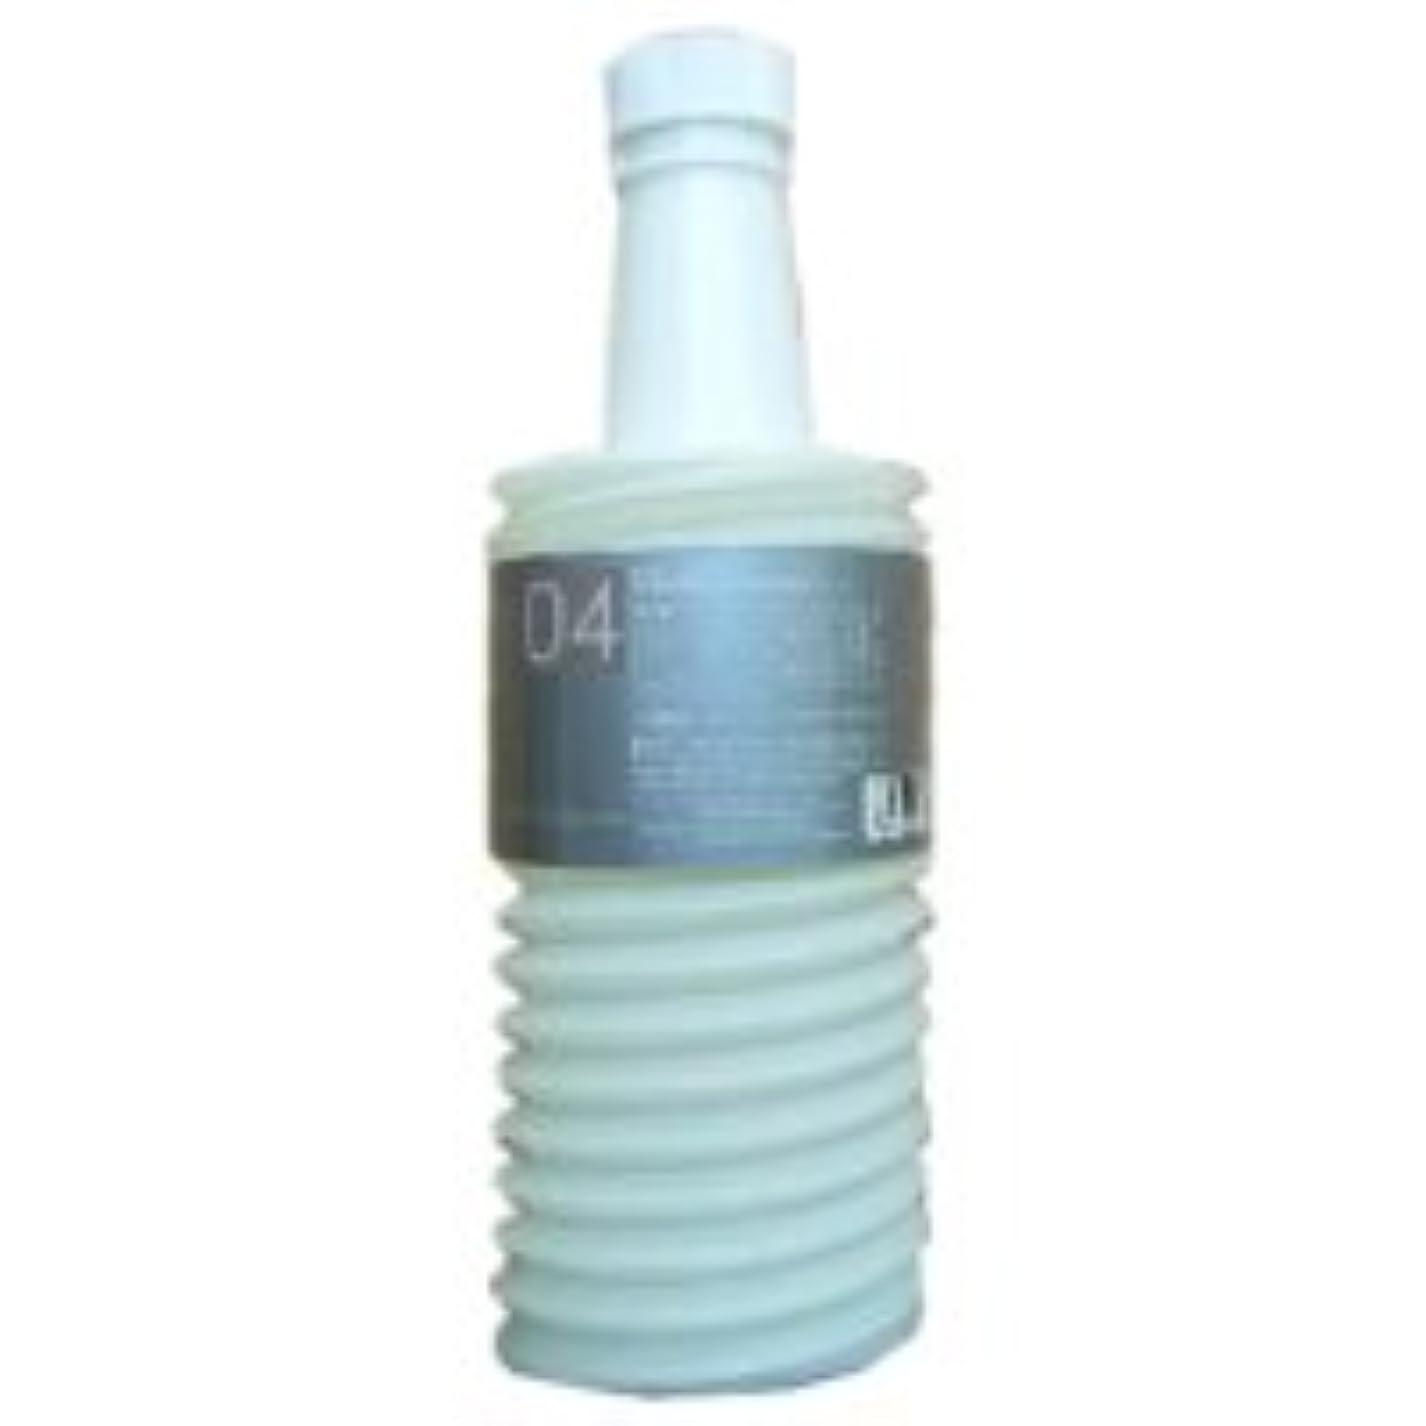 消毒する宙返り六分儀ムコタ アデューラ アイレ04 ベールマスクトリートメント 700g(業務?詰替用)